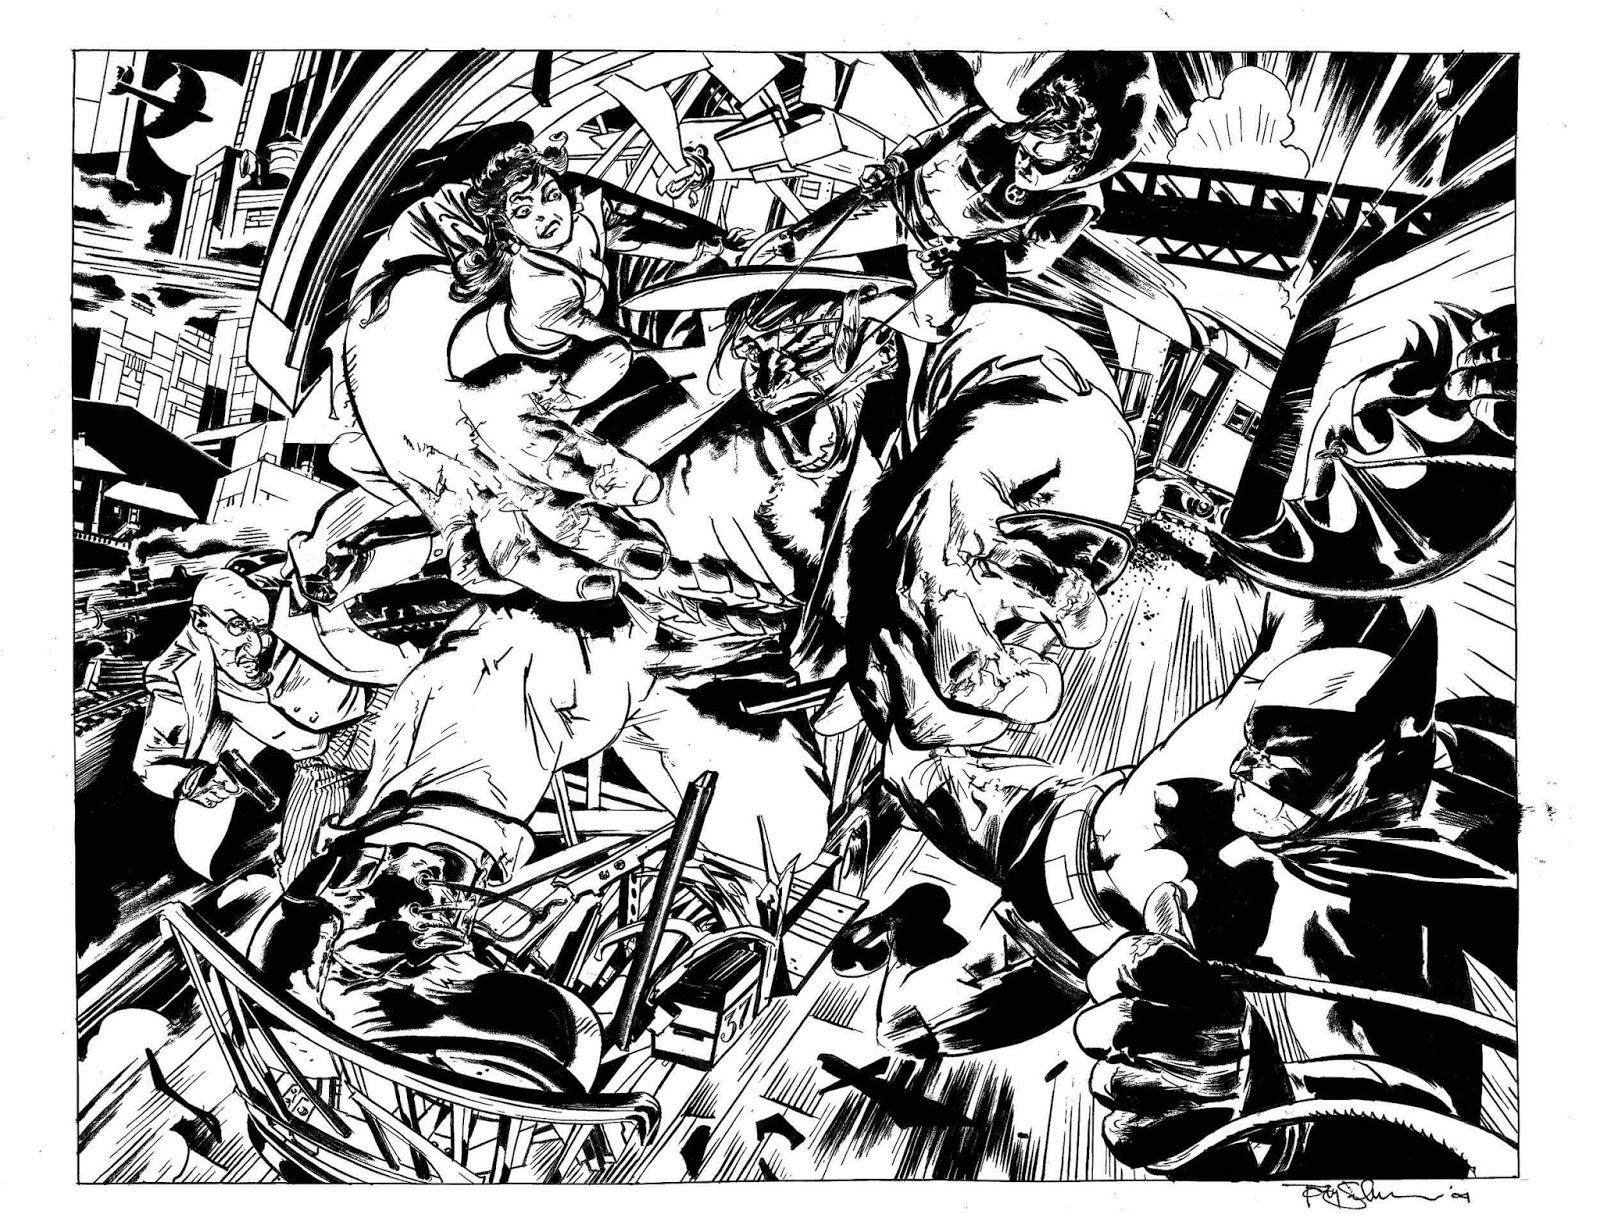 Ilustraciones sueltas chulas encontradas por el internete - Página 2 Batman-Monster_final_